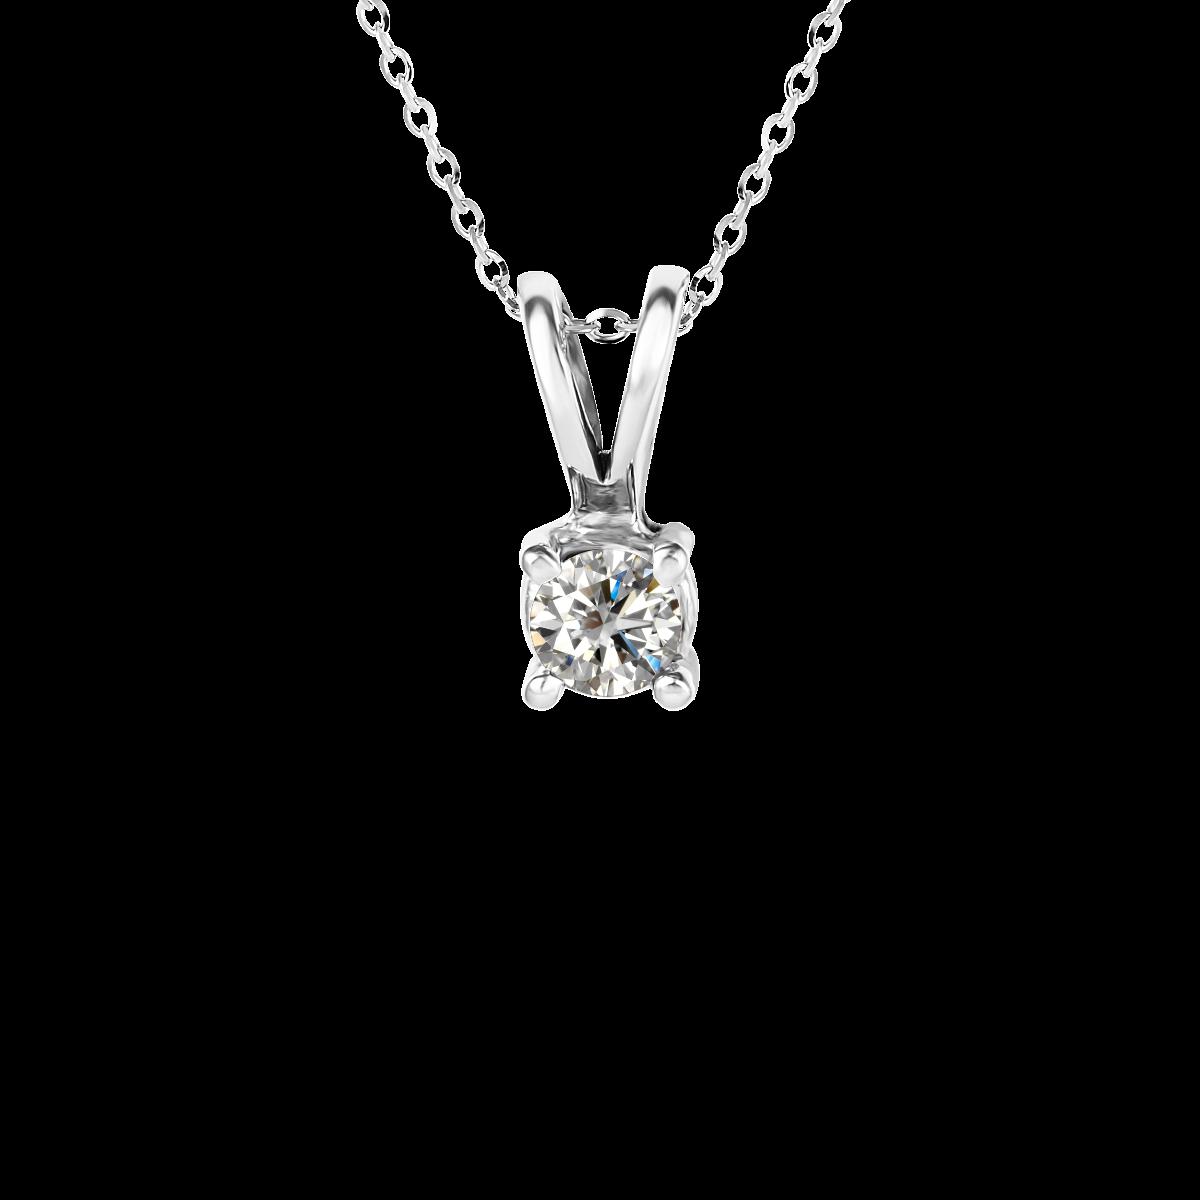 Colgante de diamantes oro blanco